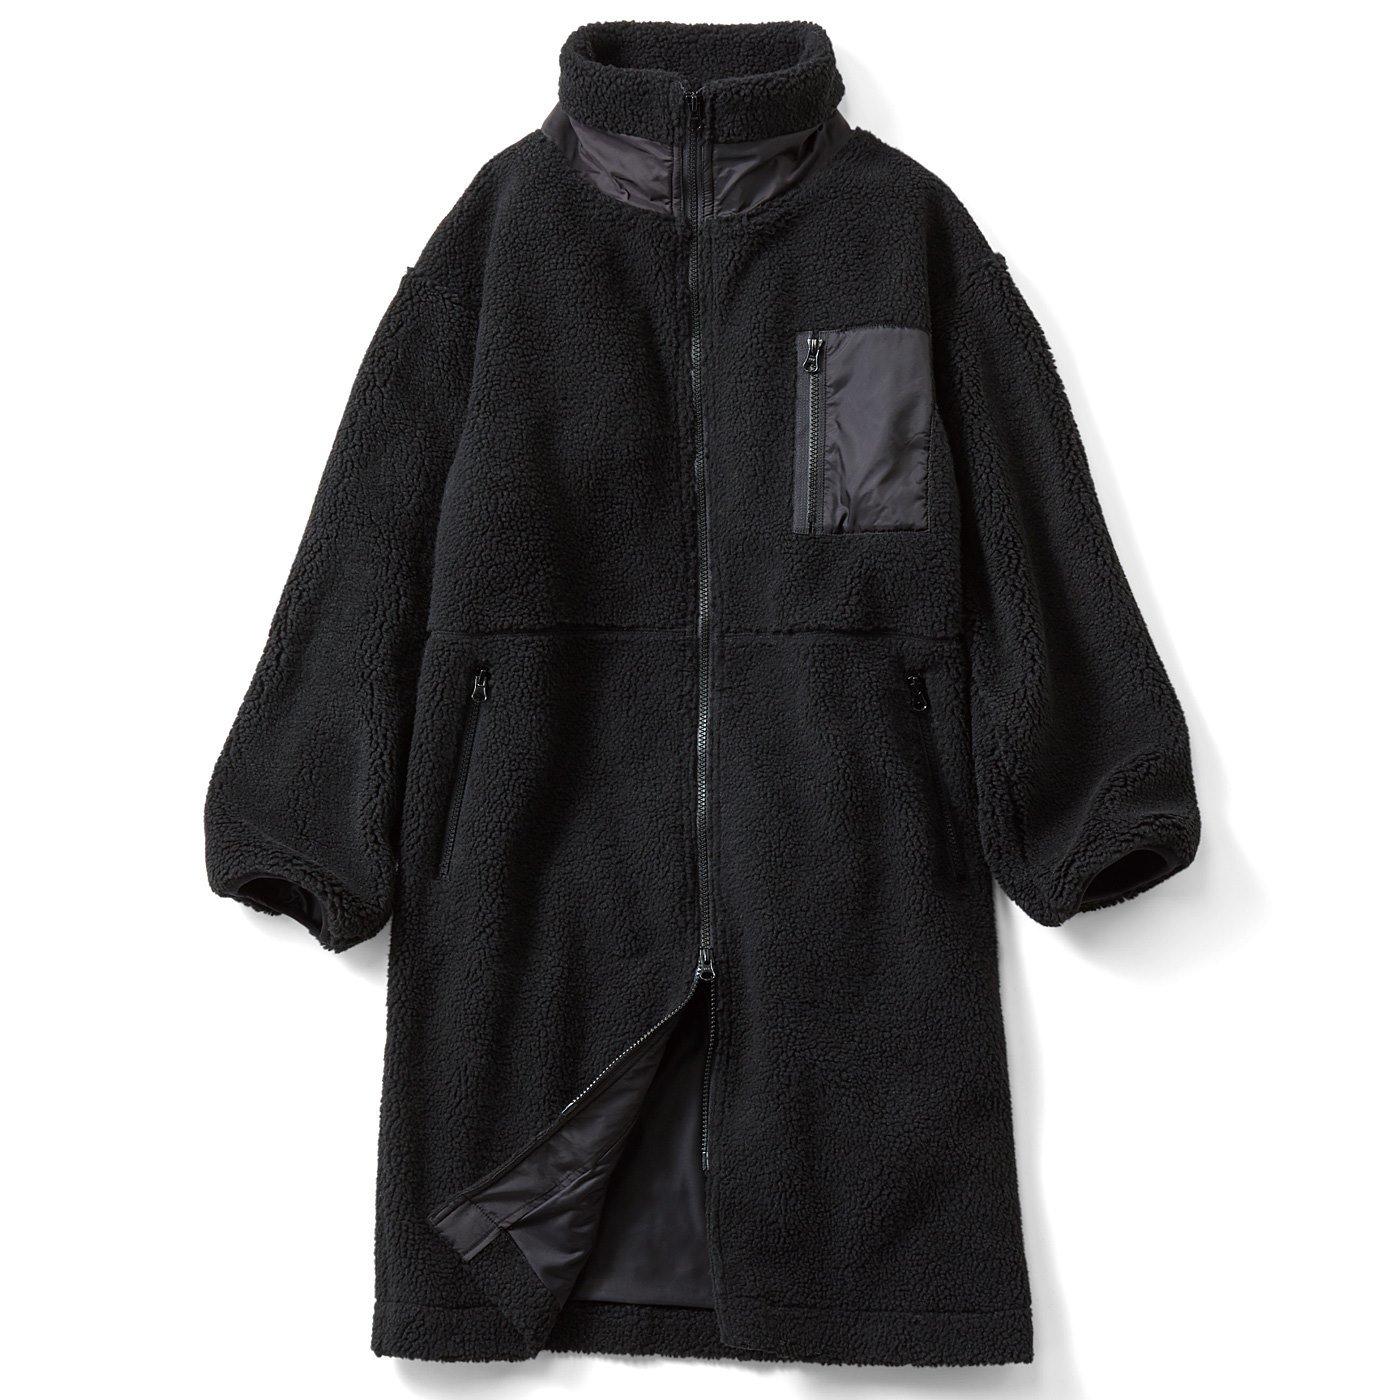 IEDIT[イディット] カジュアルを楽しむ ボア素材のロングコート〈ブラック〉